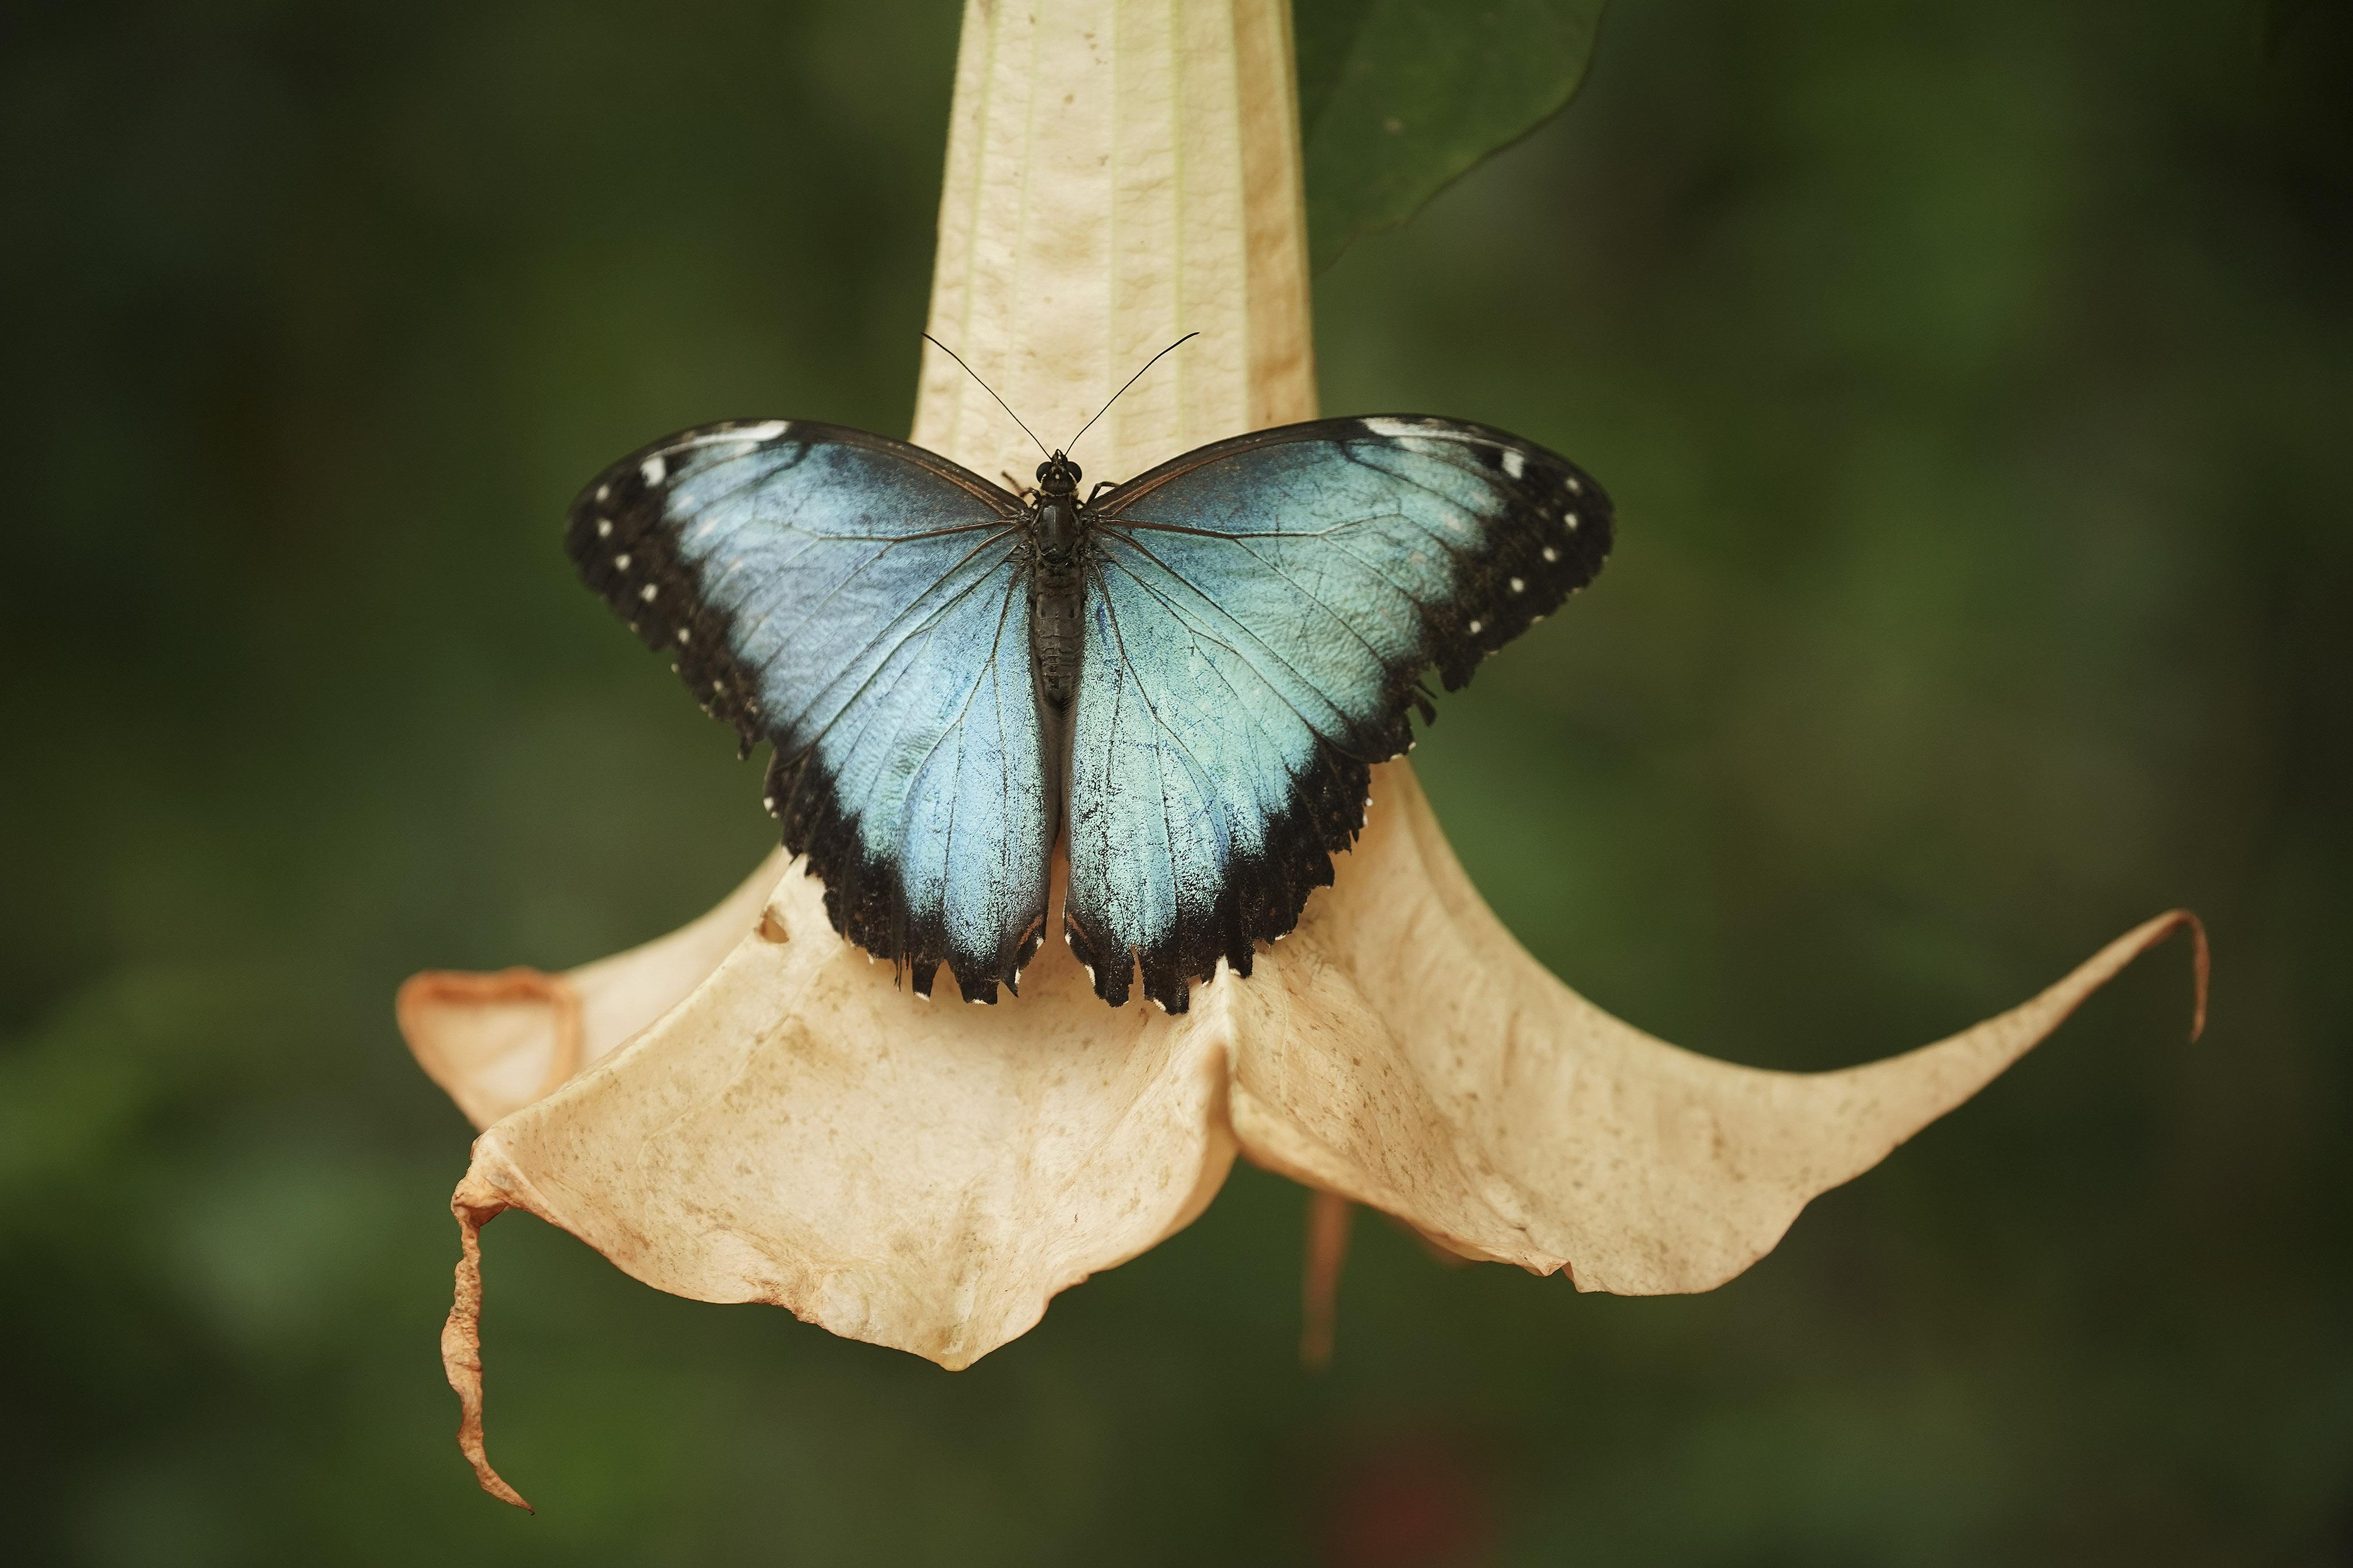 Una mariposa se posa en una flor cerca del lago de Atitlán, Guatemala, el lunes 19 de agosto de 2019. El presidente Russell M. Nelson, de La Iglesia de Jesucristo de los Santos de los Últimos Días, habló en un devocional el sábado 24 de agosto en un devocional en la Ciudad de Guatemala.